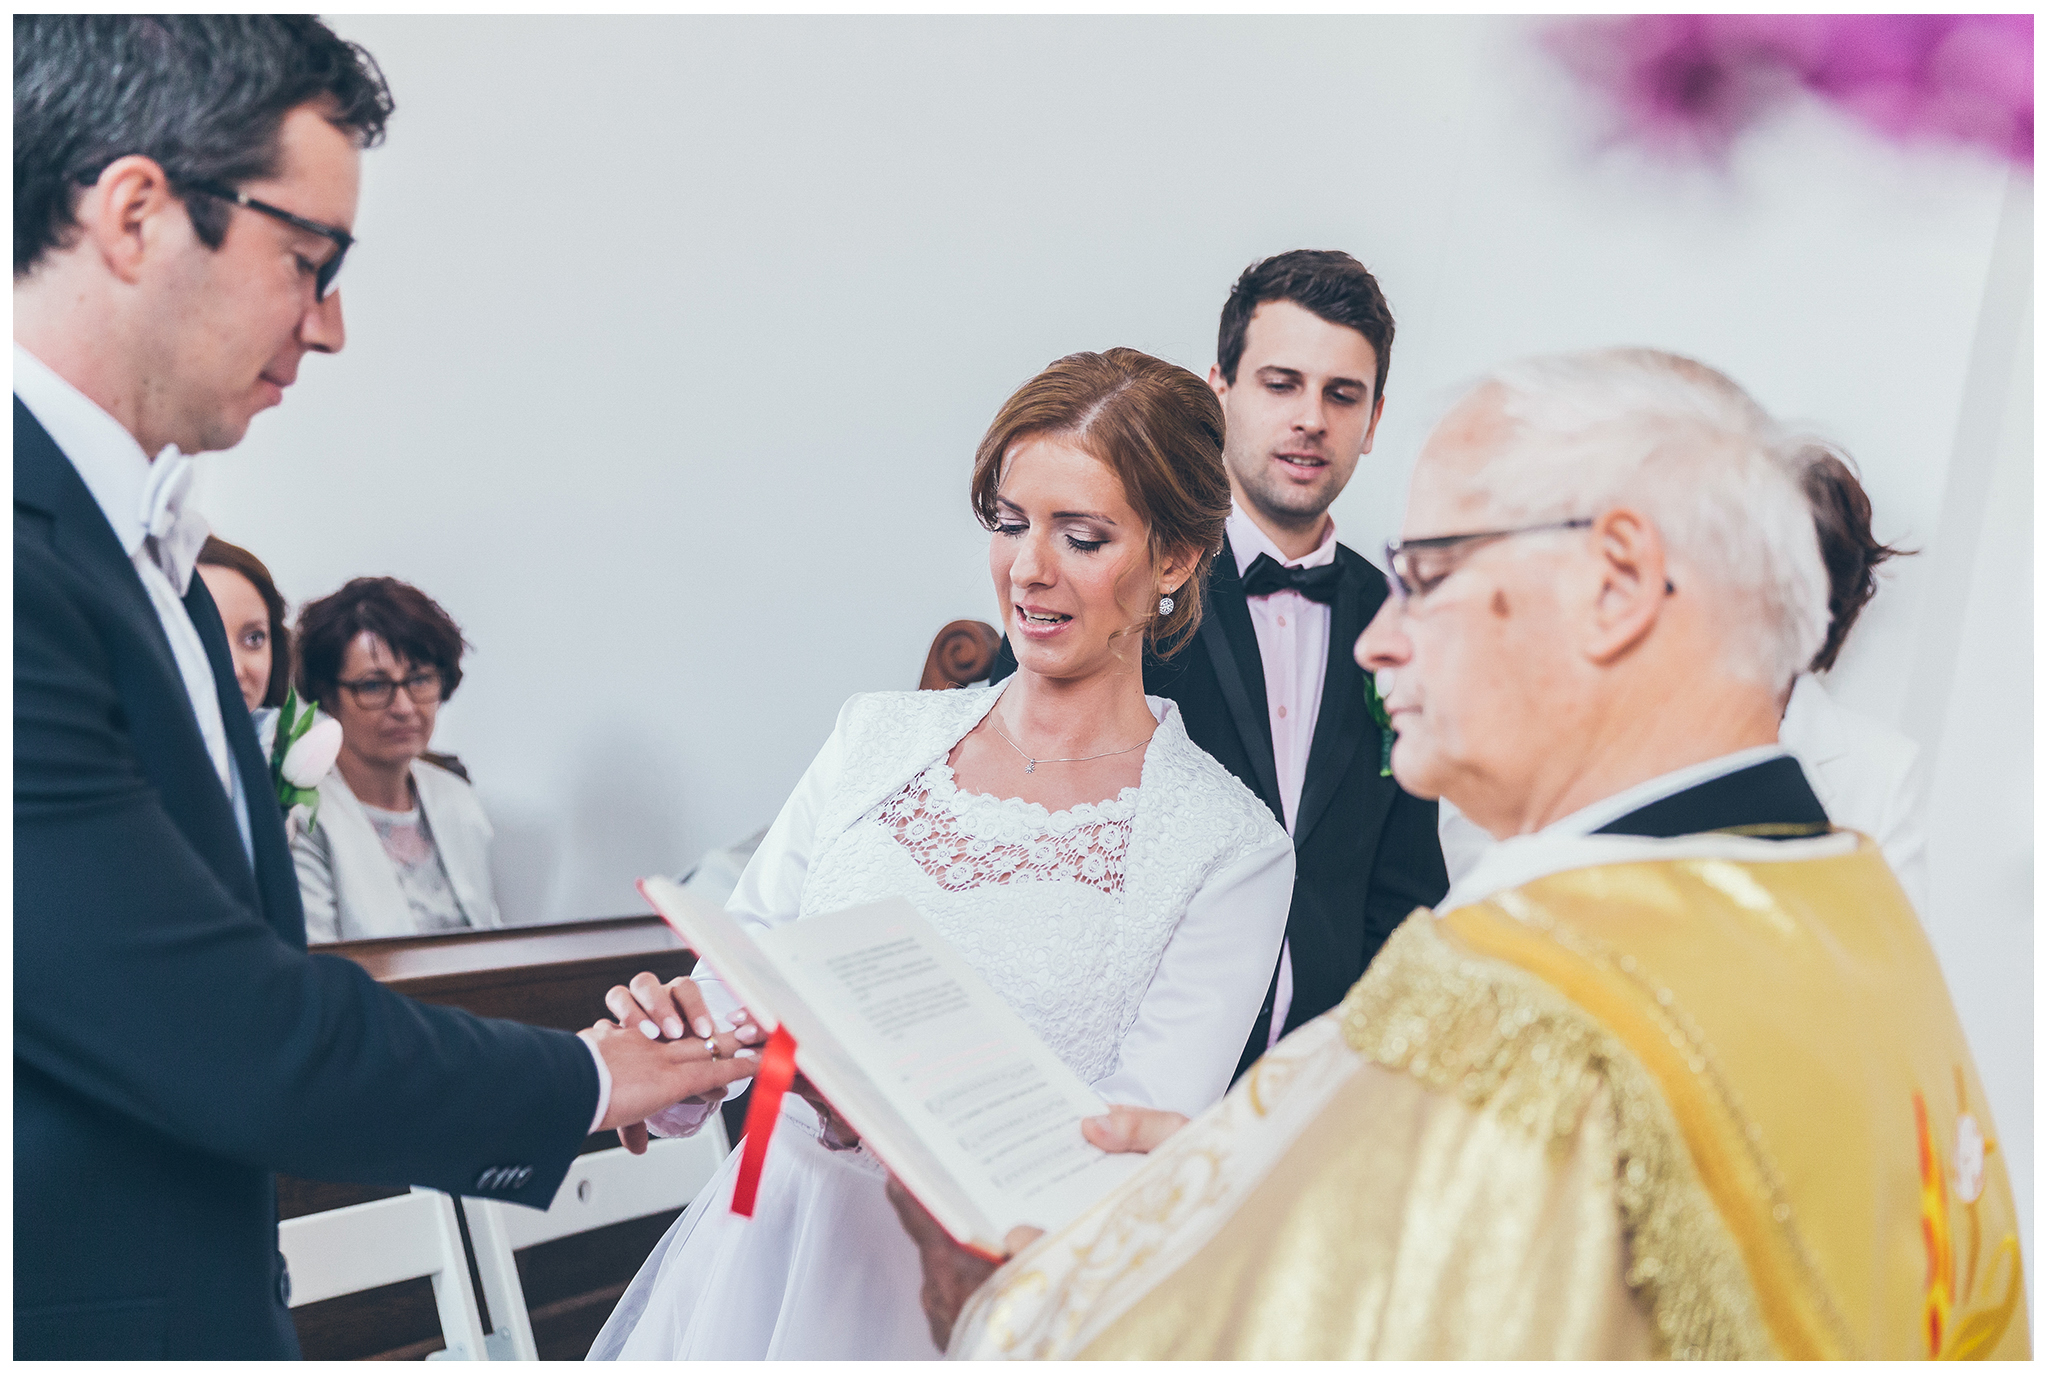 FylepPhoto, esküvőfotós, esküvői fotós Körmend, Szombathely, esküvőfotózás, magyarország, vas megye, prémium, jegyesfotózás, Fülöp Péter, körmend, kreatív, fotográfus_22.jpg